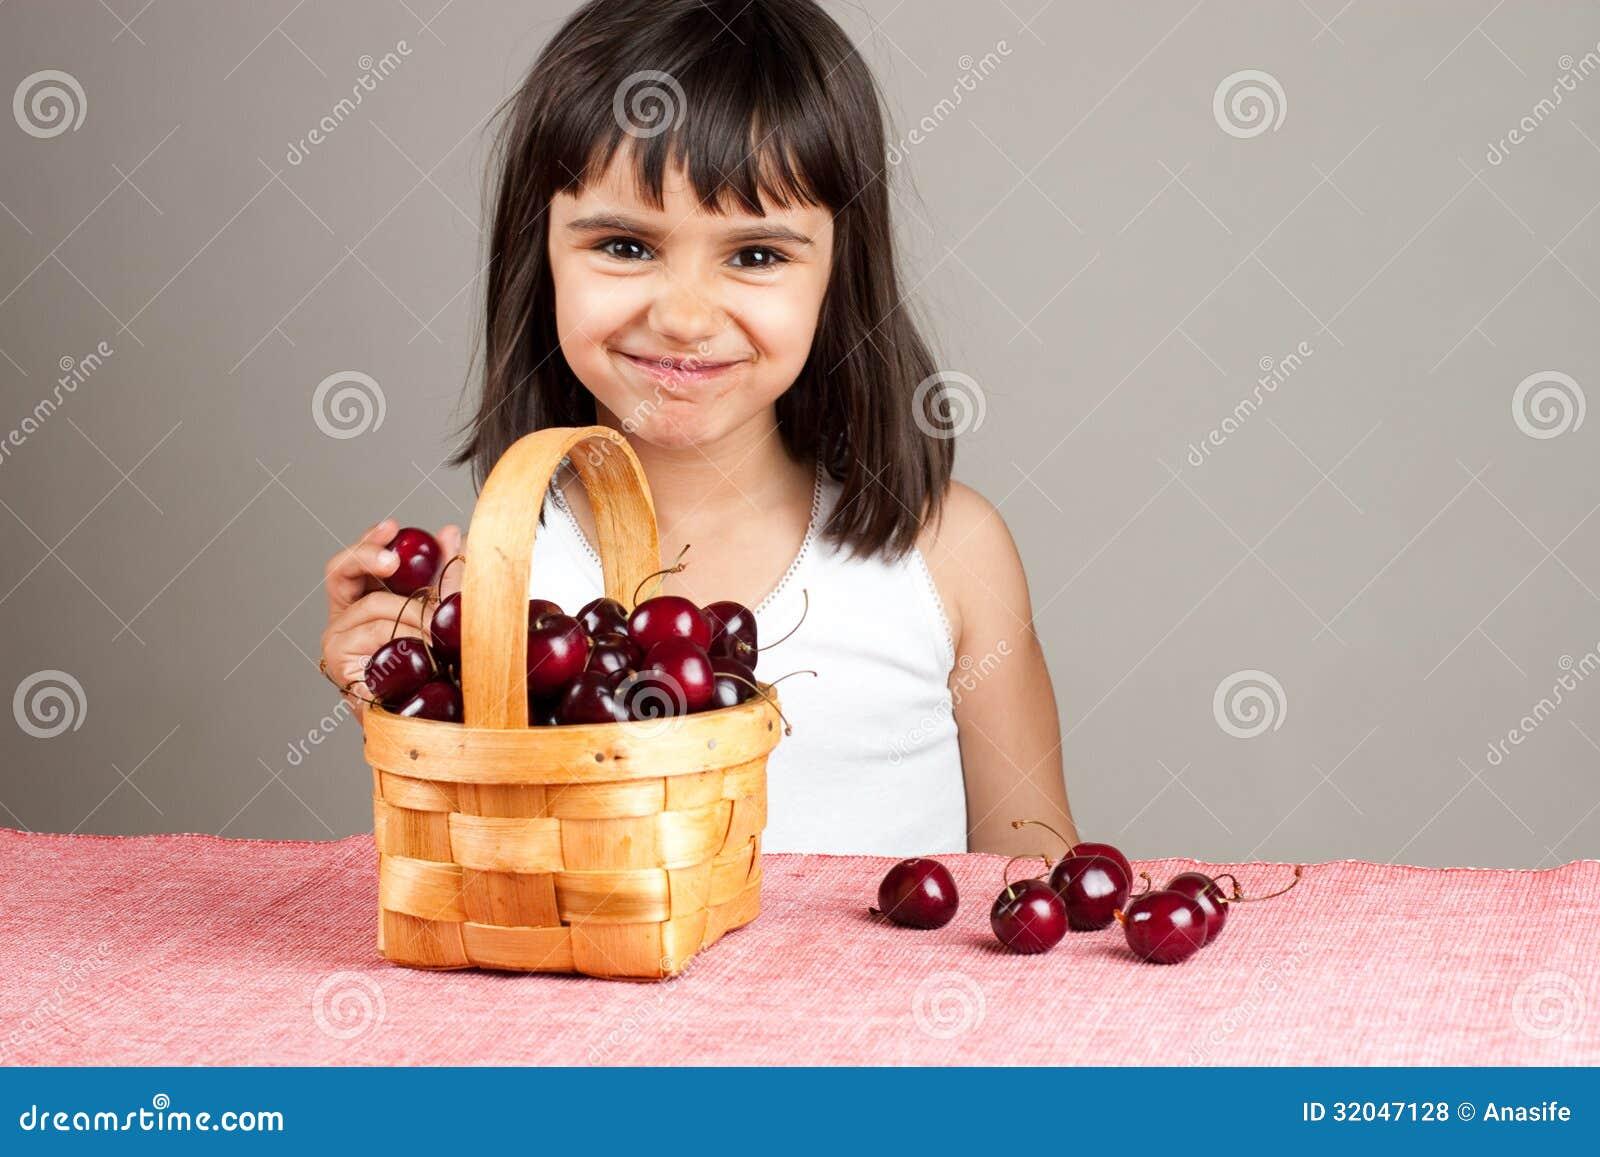 girls eating cherries and body